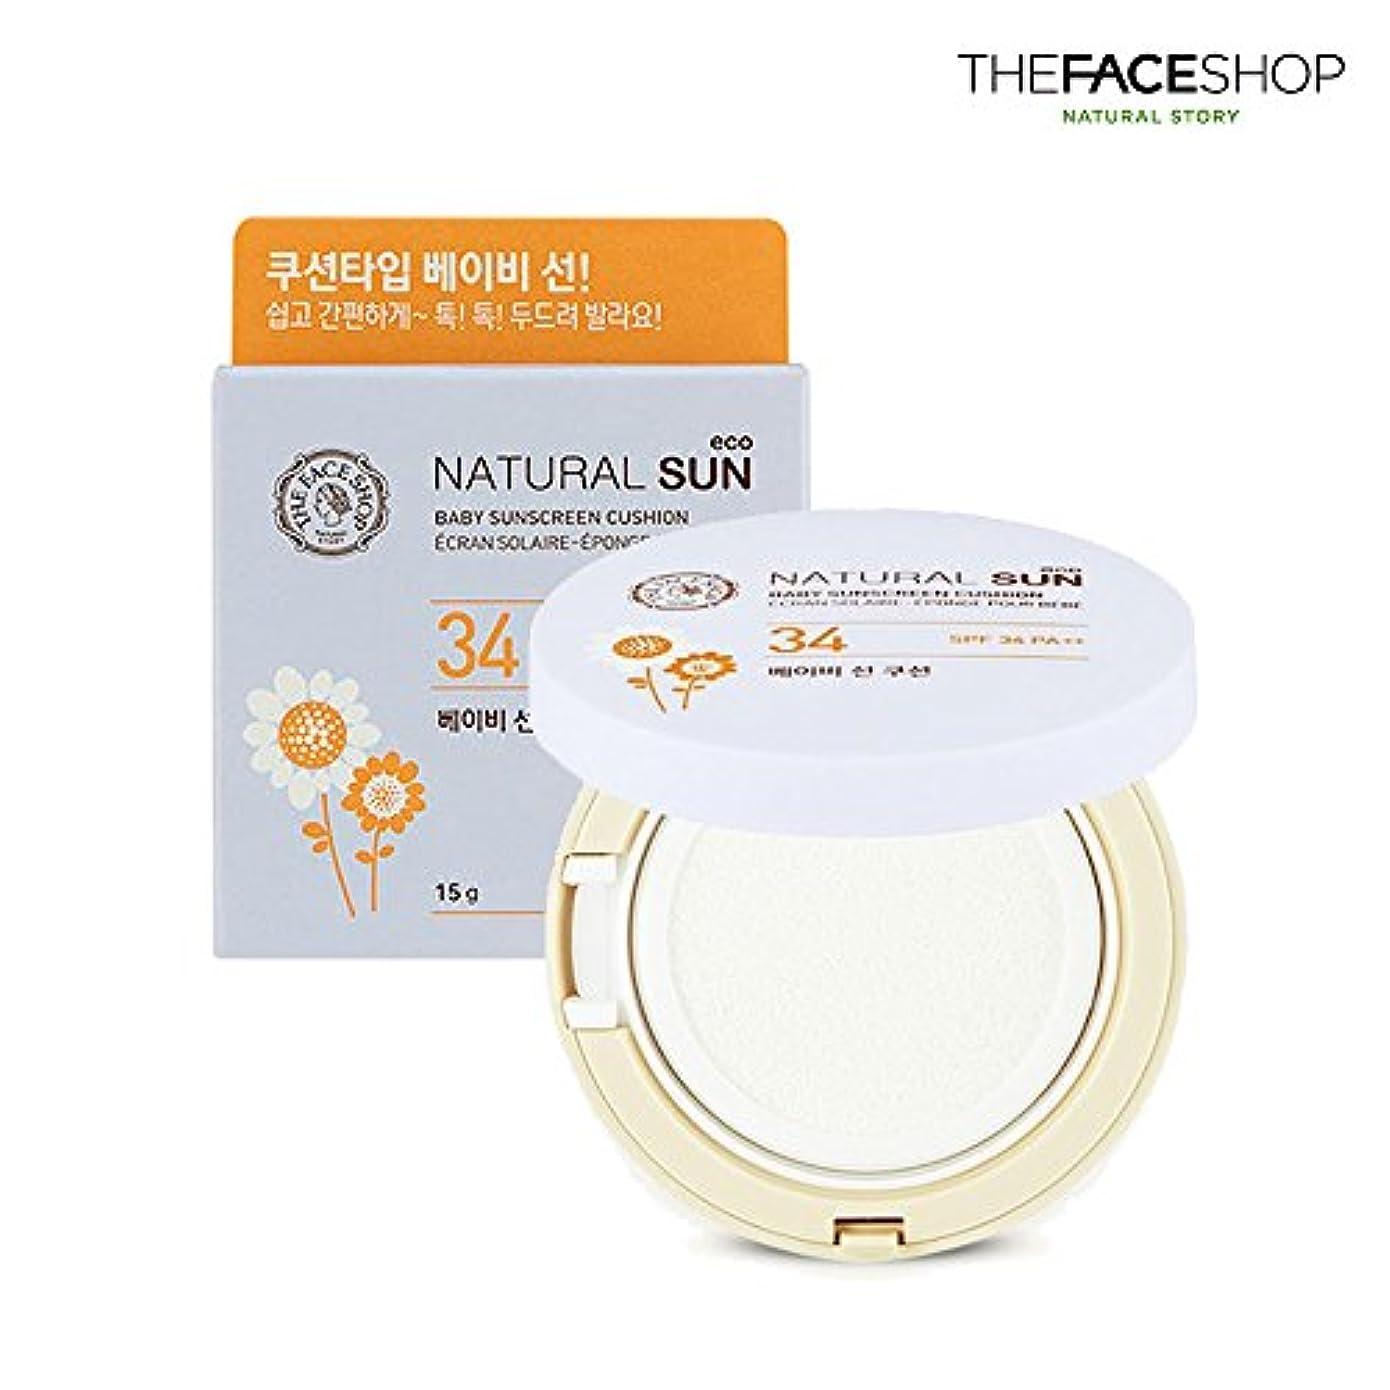 苦難インスタンス新着the face shop Natural Sun ECO baby sunscreen cushion 34 PA++ 赤ちゃんサンスクリーンクッション